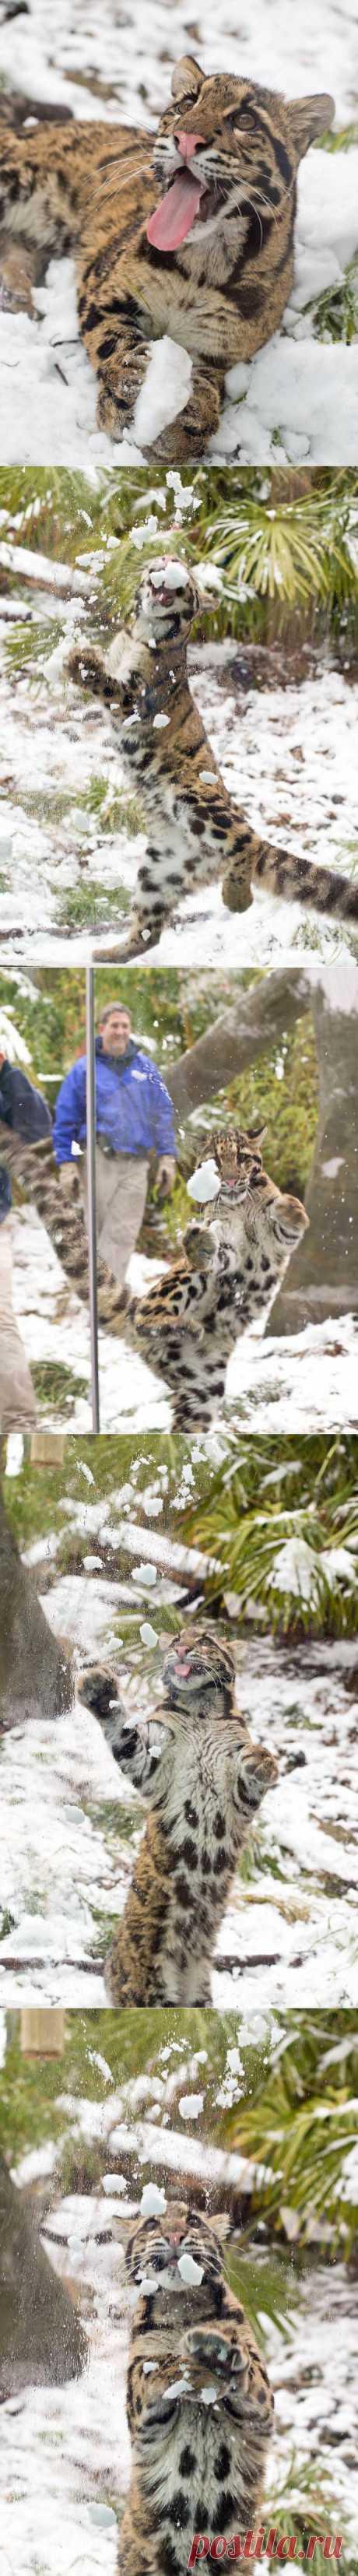 Дымчатый леопард ловит снежки | Уши, лапы, хвост